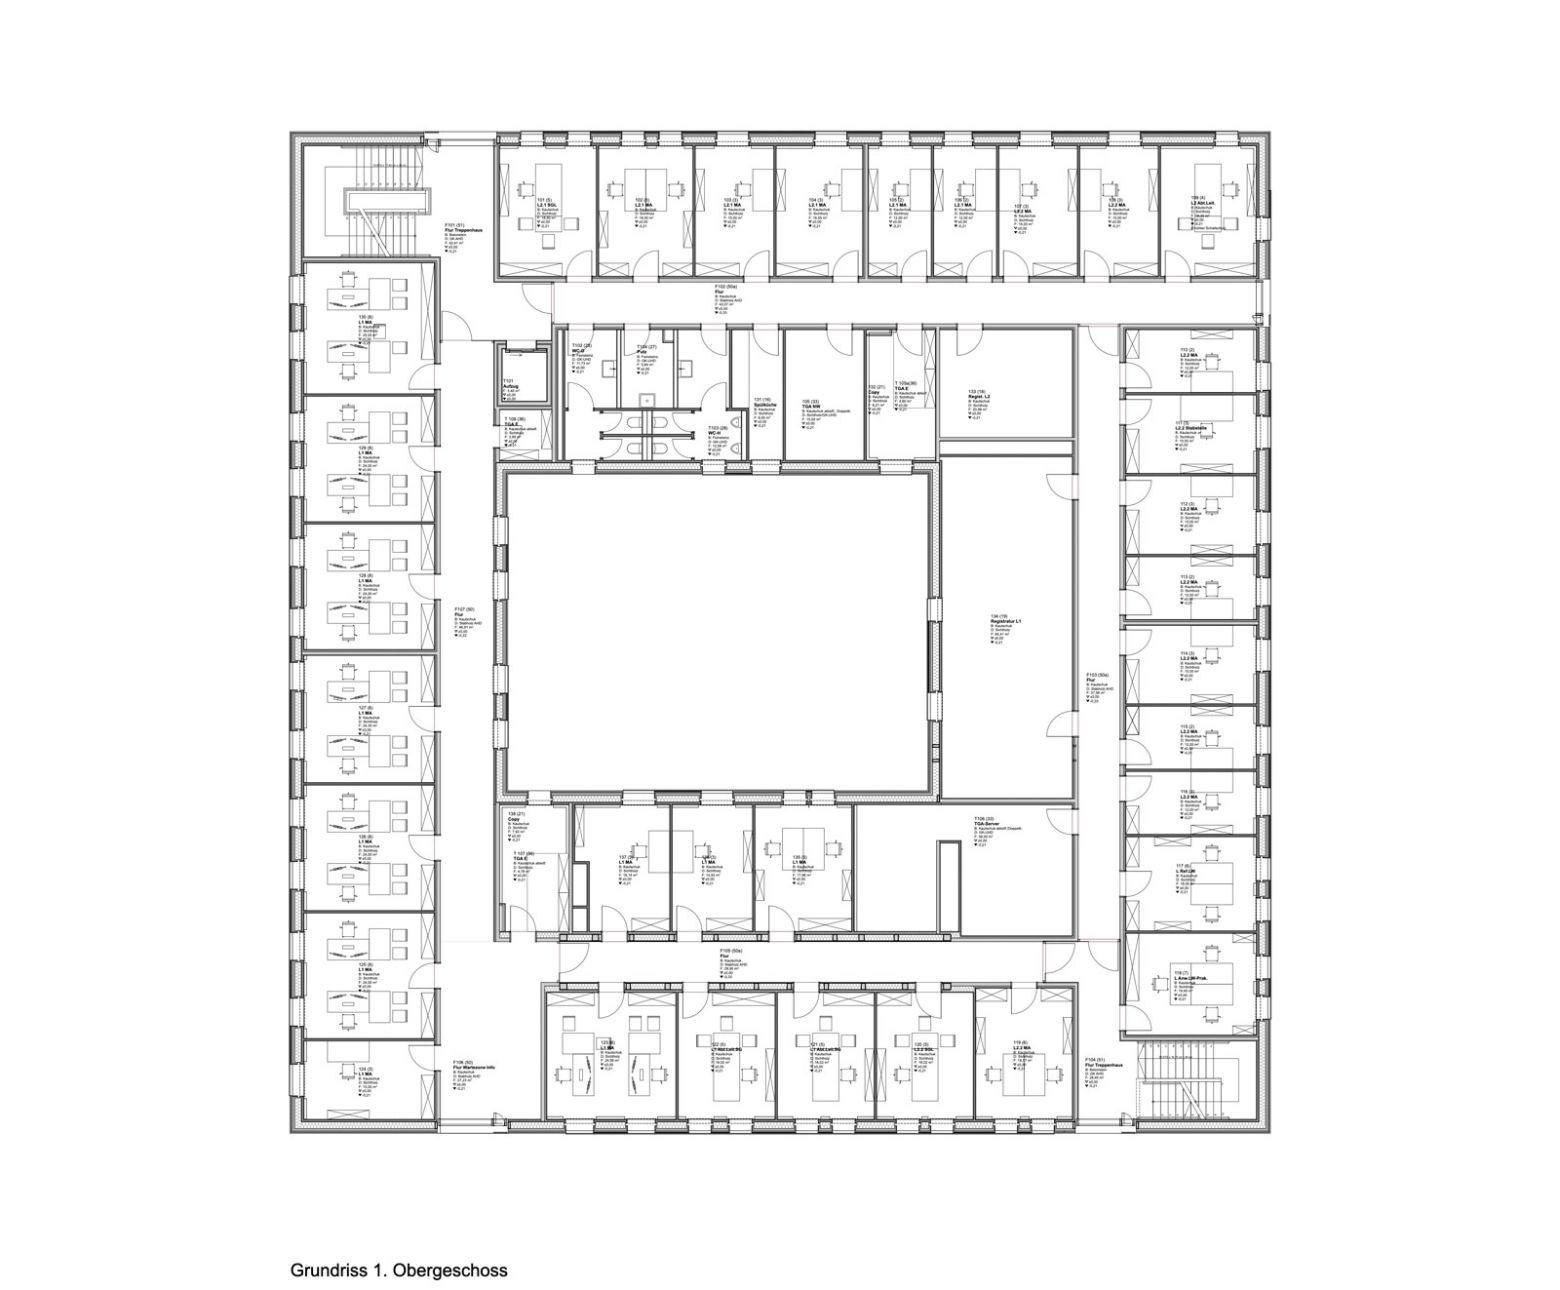 Grundriss erstes Obergeschoss